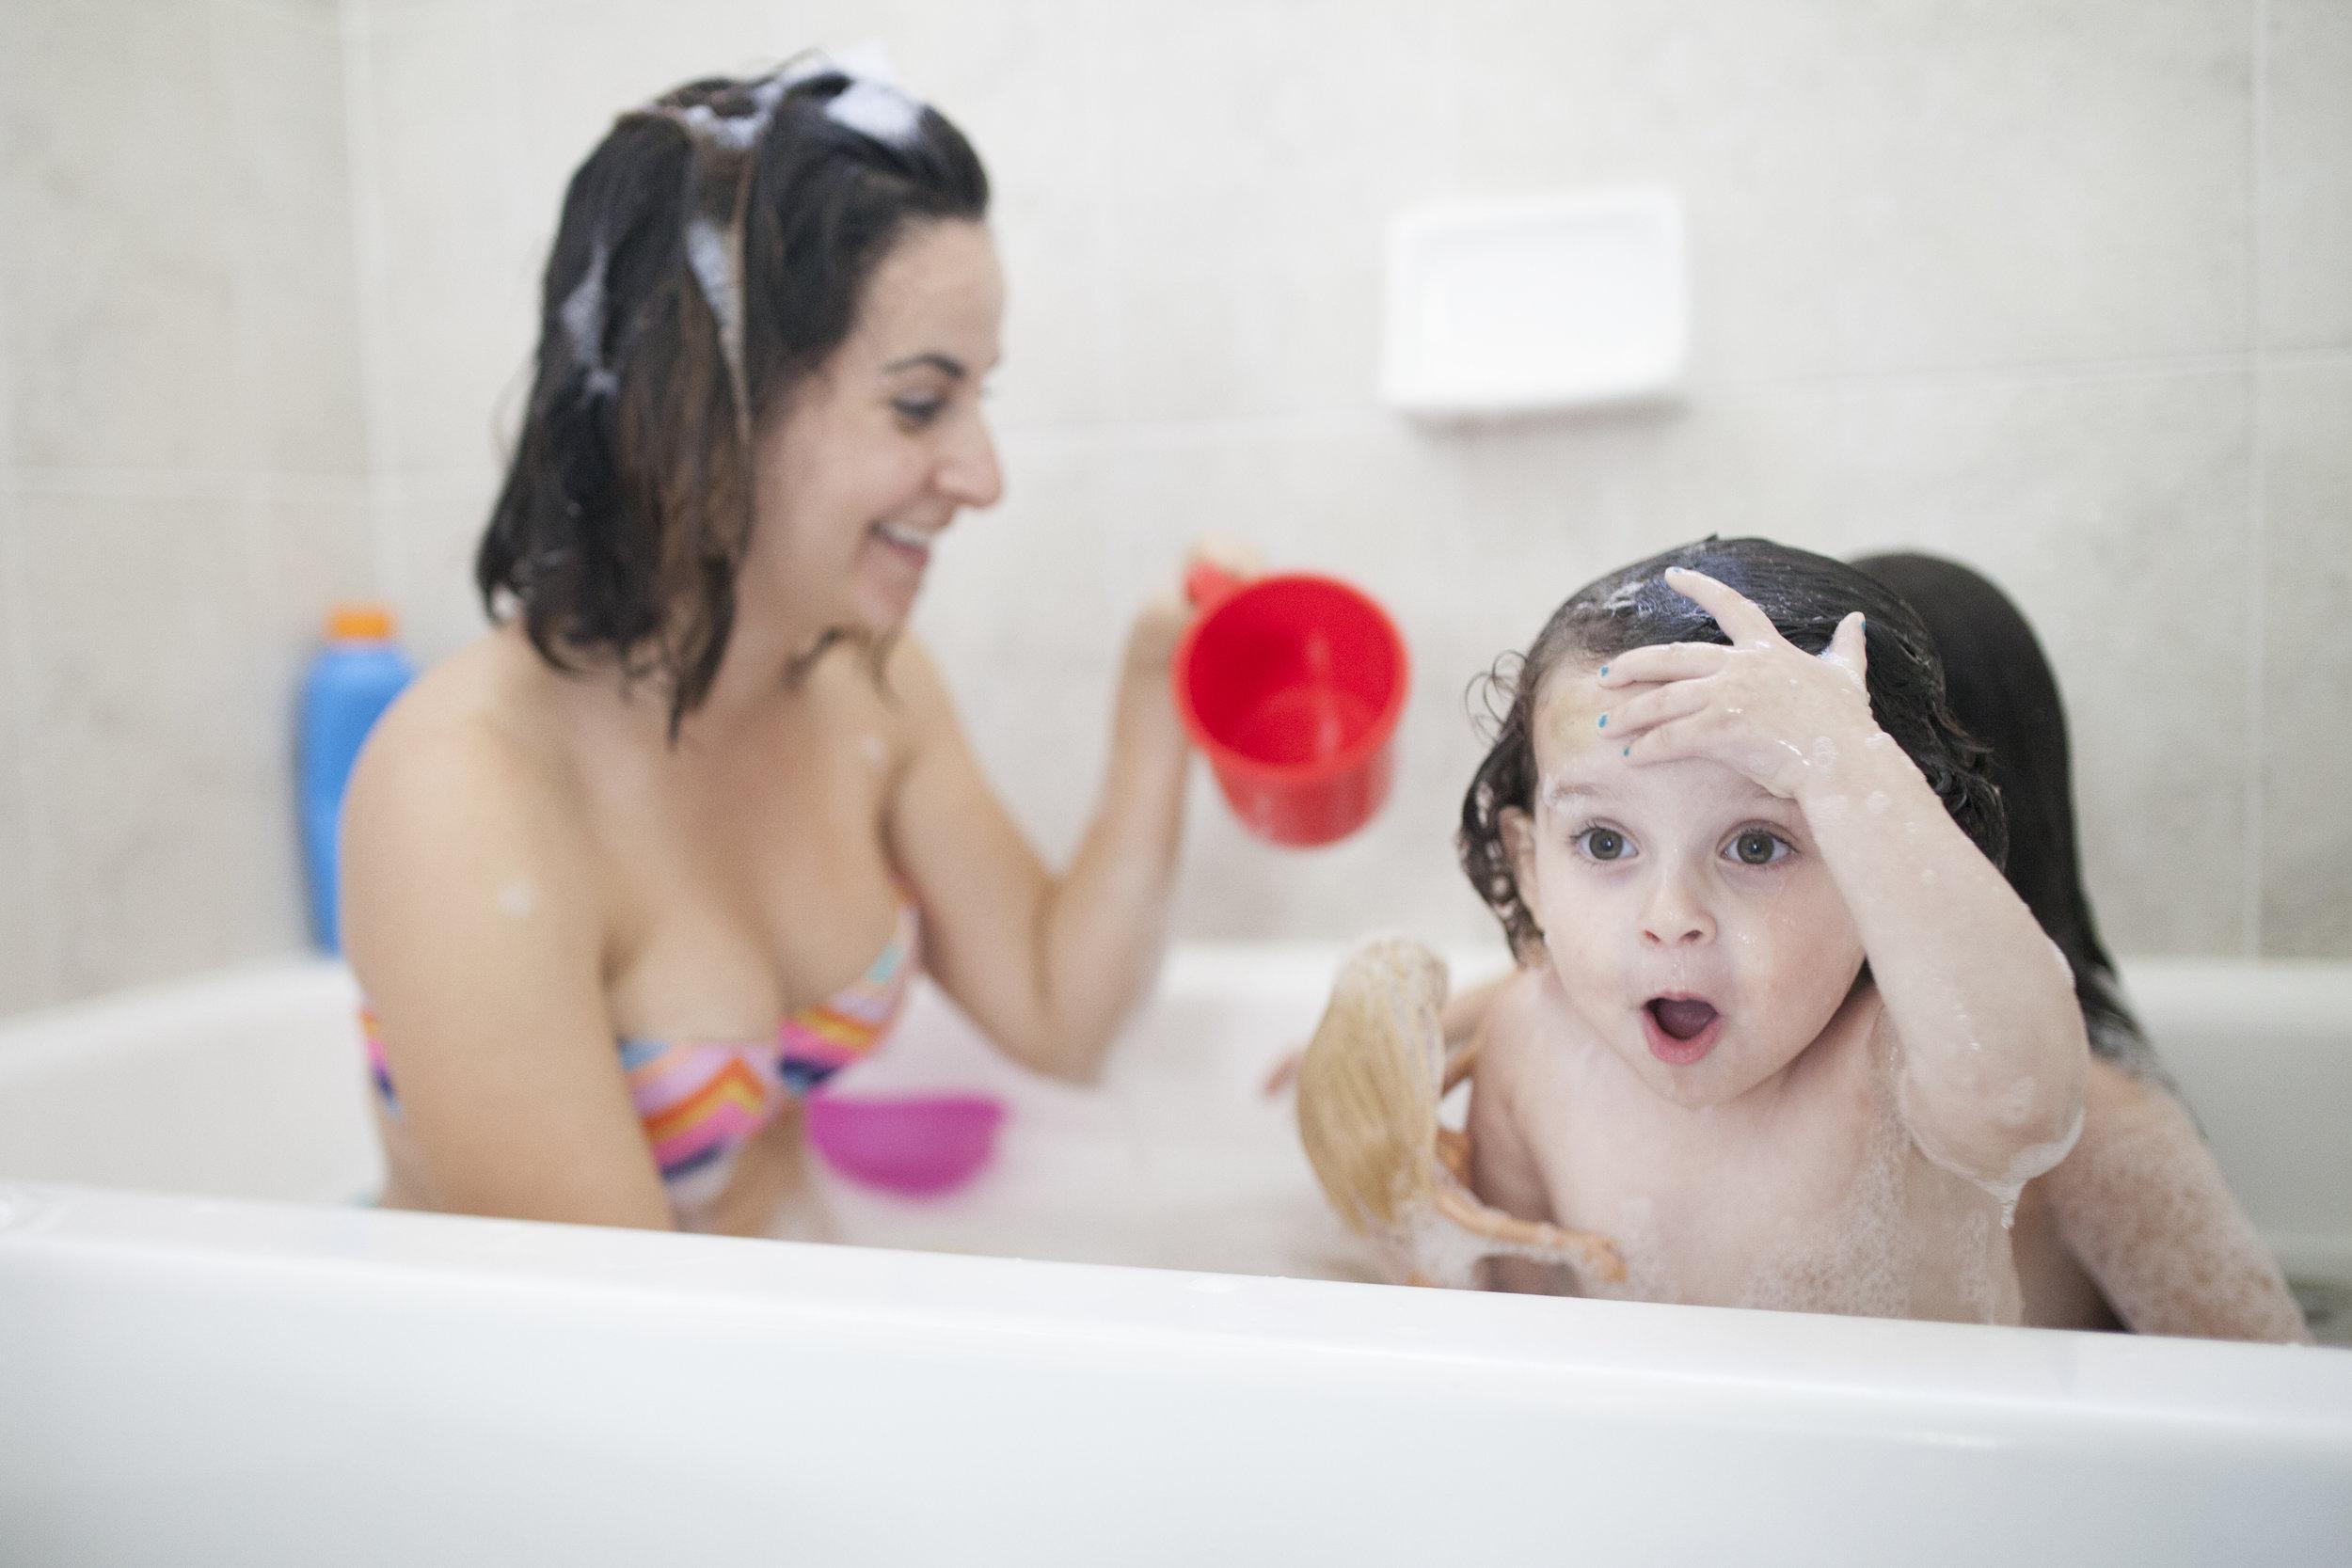 SURPRISED GIRL IN BATHTUB